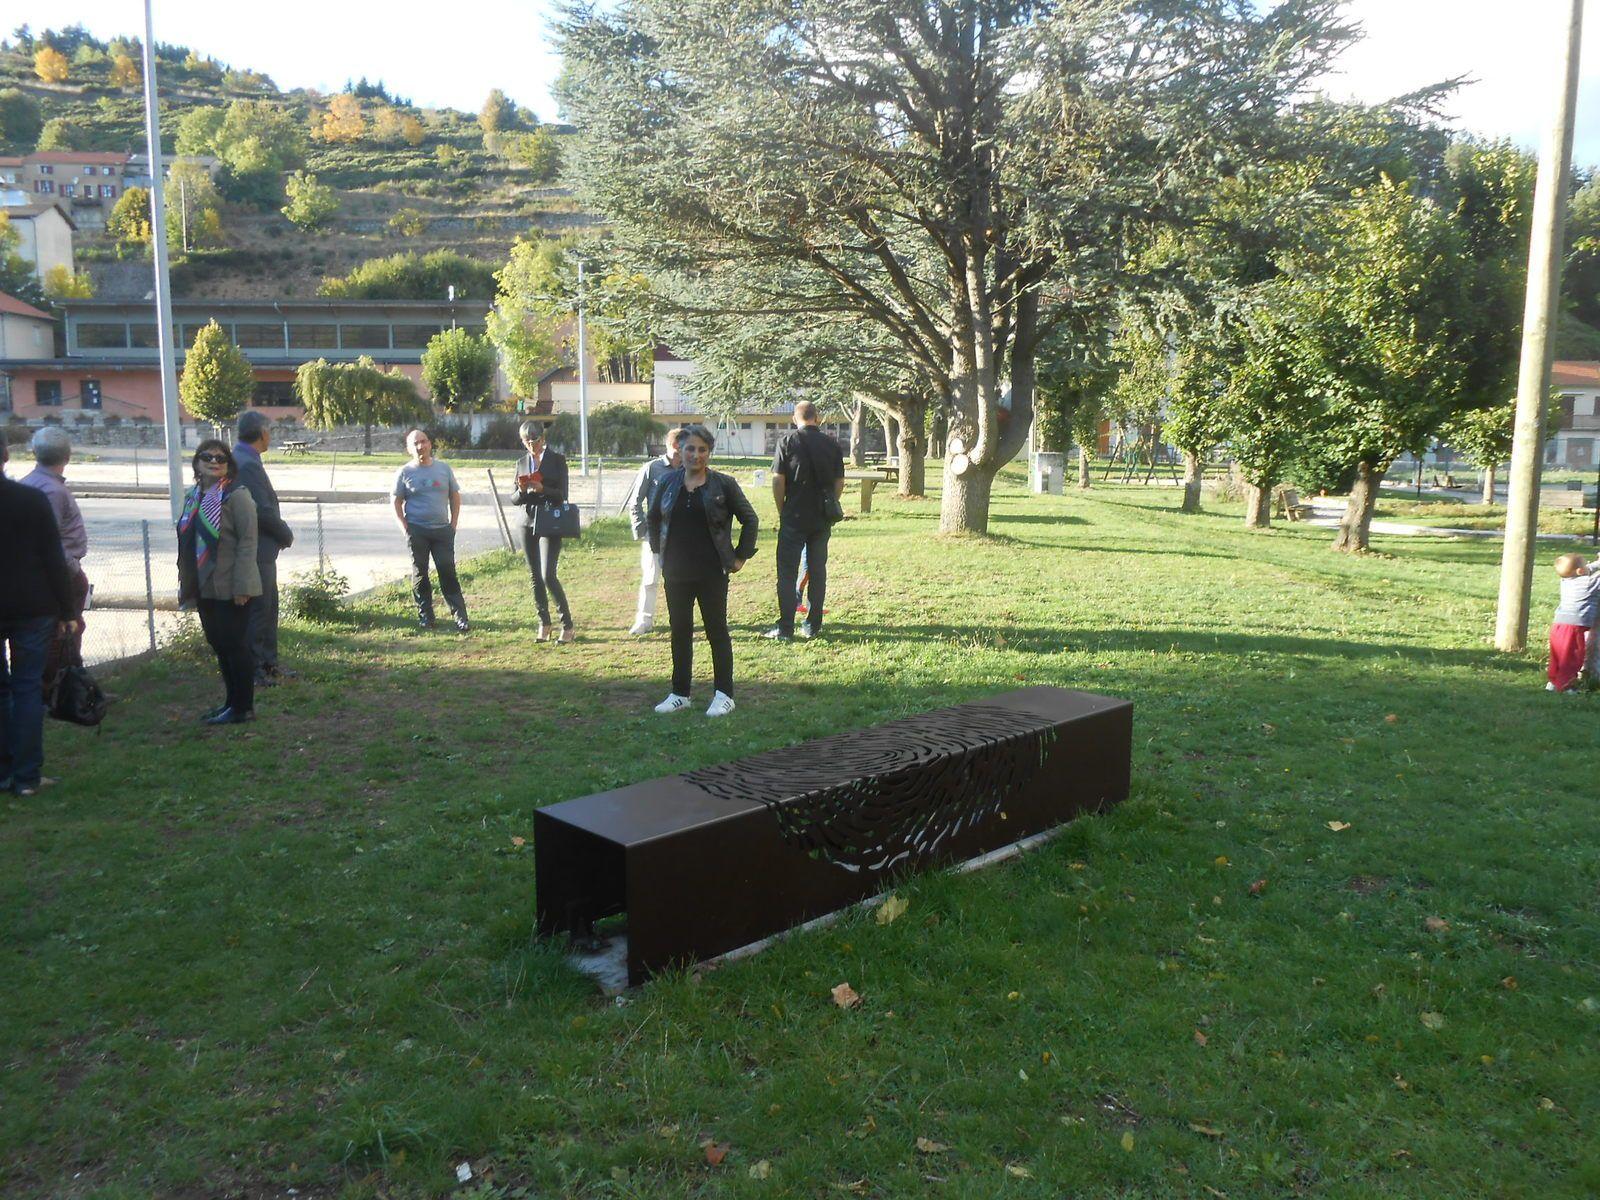 Le banc, première sculpture du parcours, sur la place de St-Cirgues-en-Montagne:la forme géométrique pure du banc symbolise la création humaine en opposition avec les formes organiques du vivant naturel